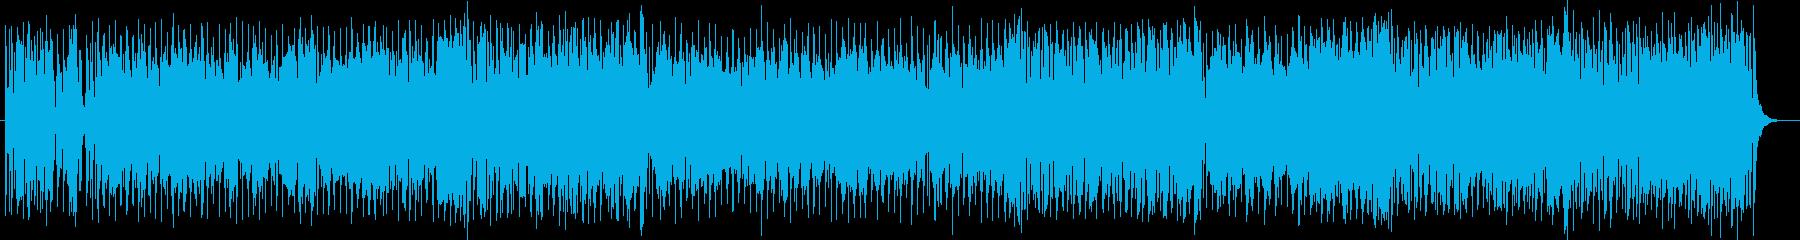 爽やかで楽しげな管楽器シンセサウンドの再生済みの波形